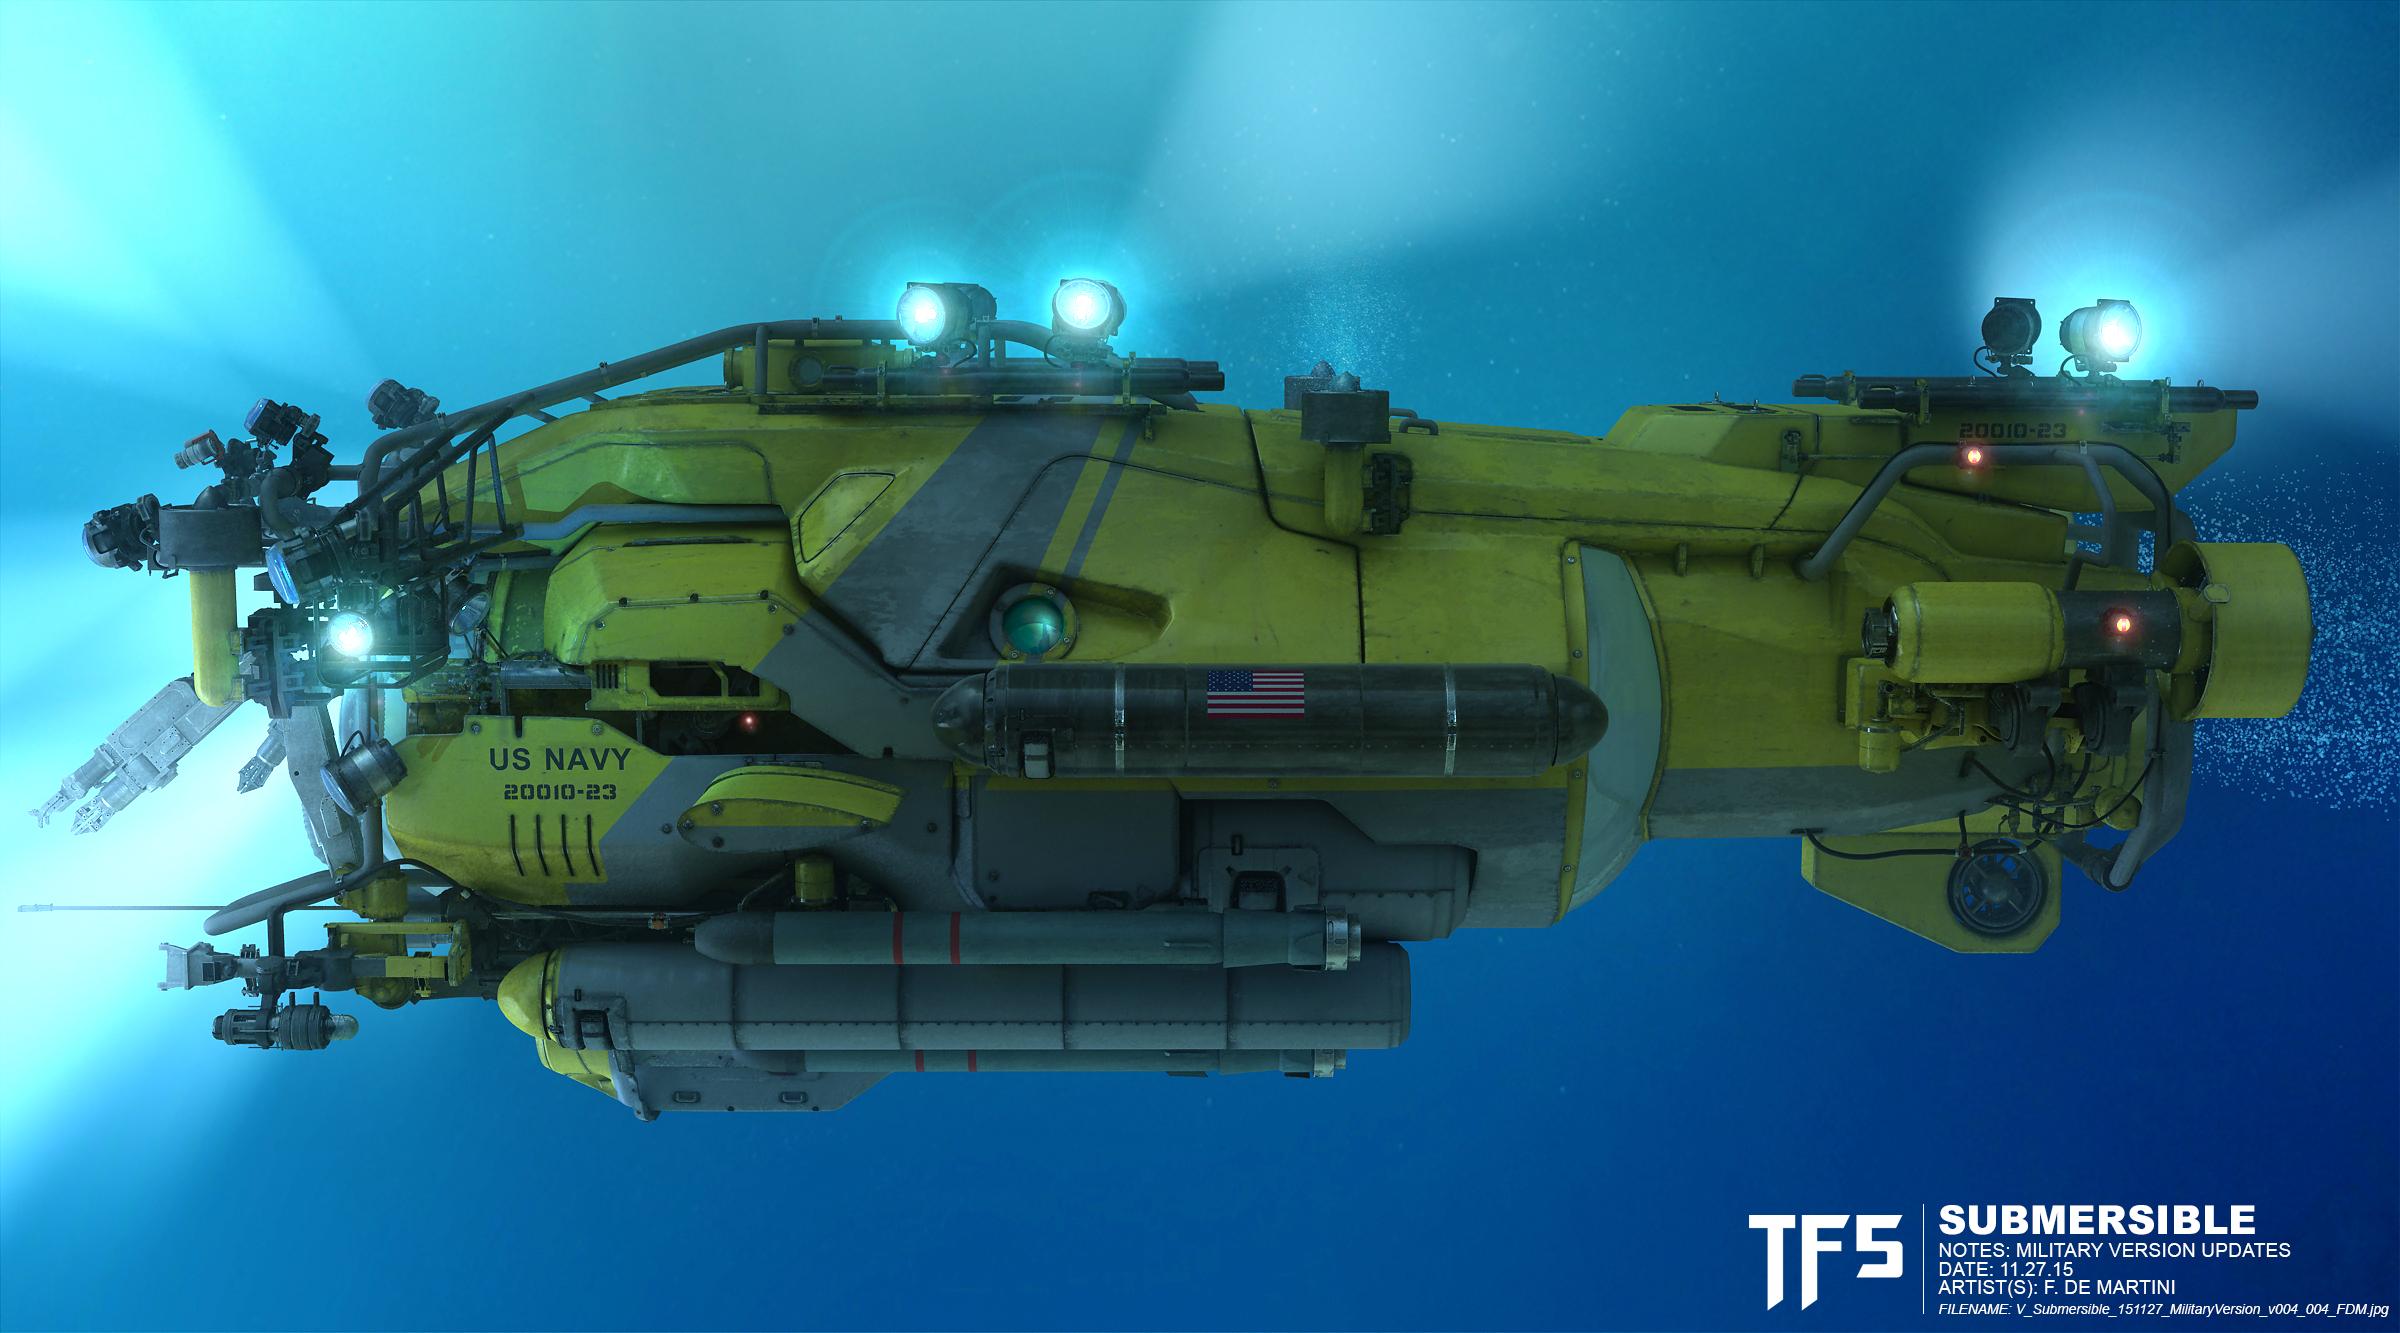 V_Submersible_151127_MilitaryVersion_v004_004_FDM.jpg